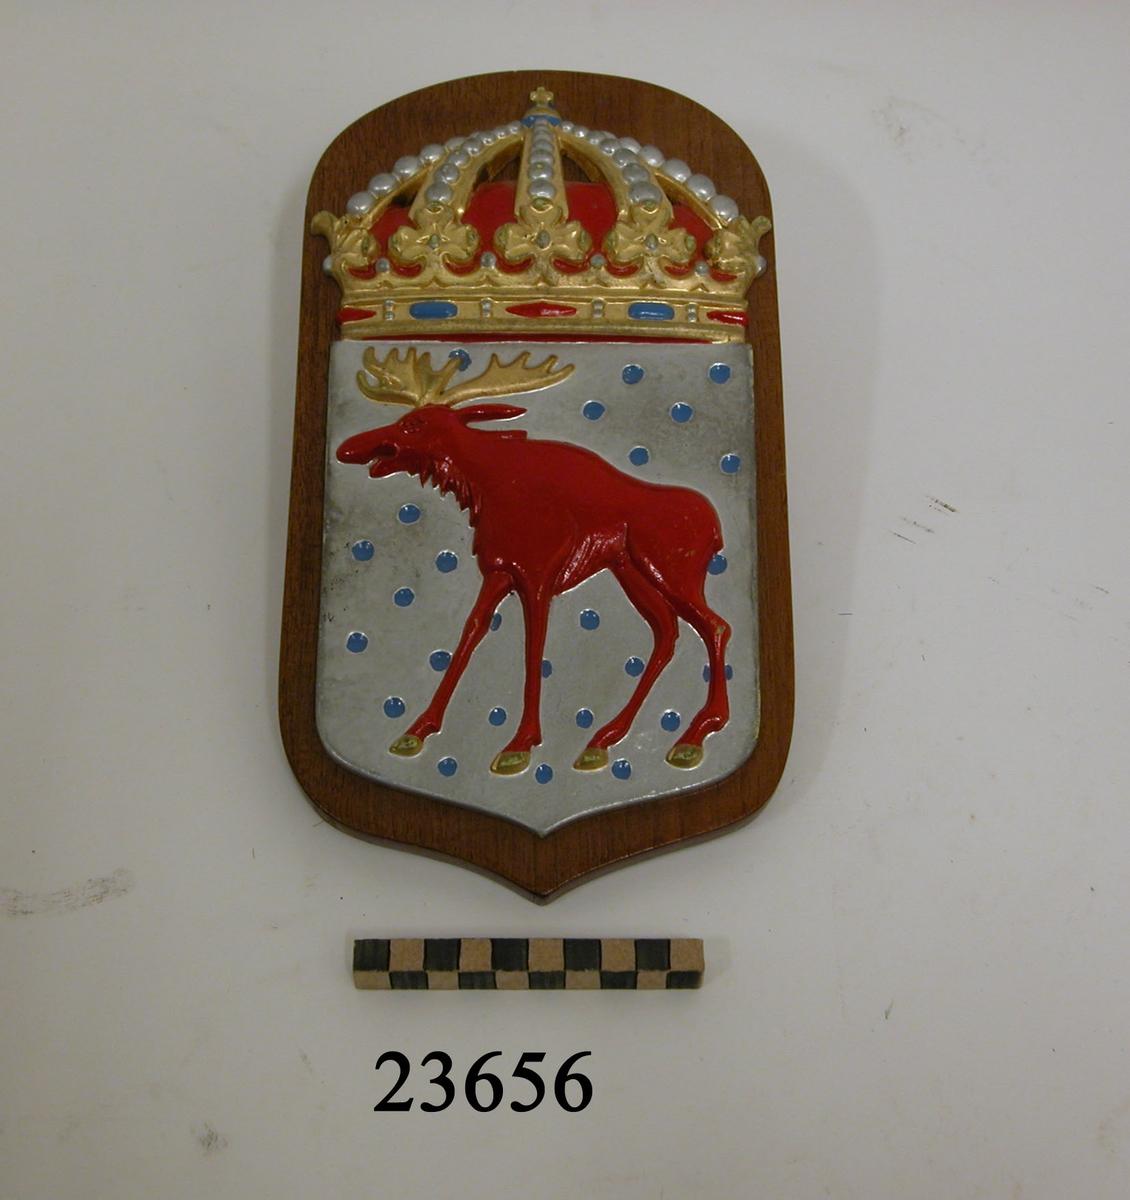 Vapensköld, Gästrikland, storlek B. Vapensköld av gjuten mässing, i ett med blå kulor bestrött fält av silver en röd älg med gyllene krona. Krönt med kunglig krona. Monterad på fernissad platta av mahogny.